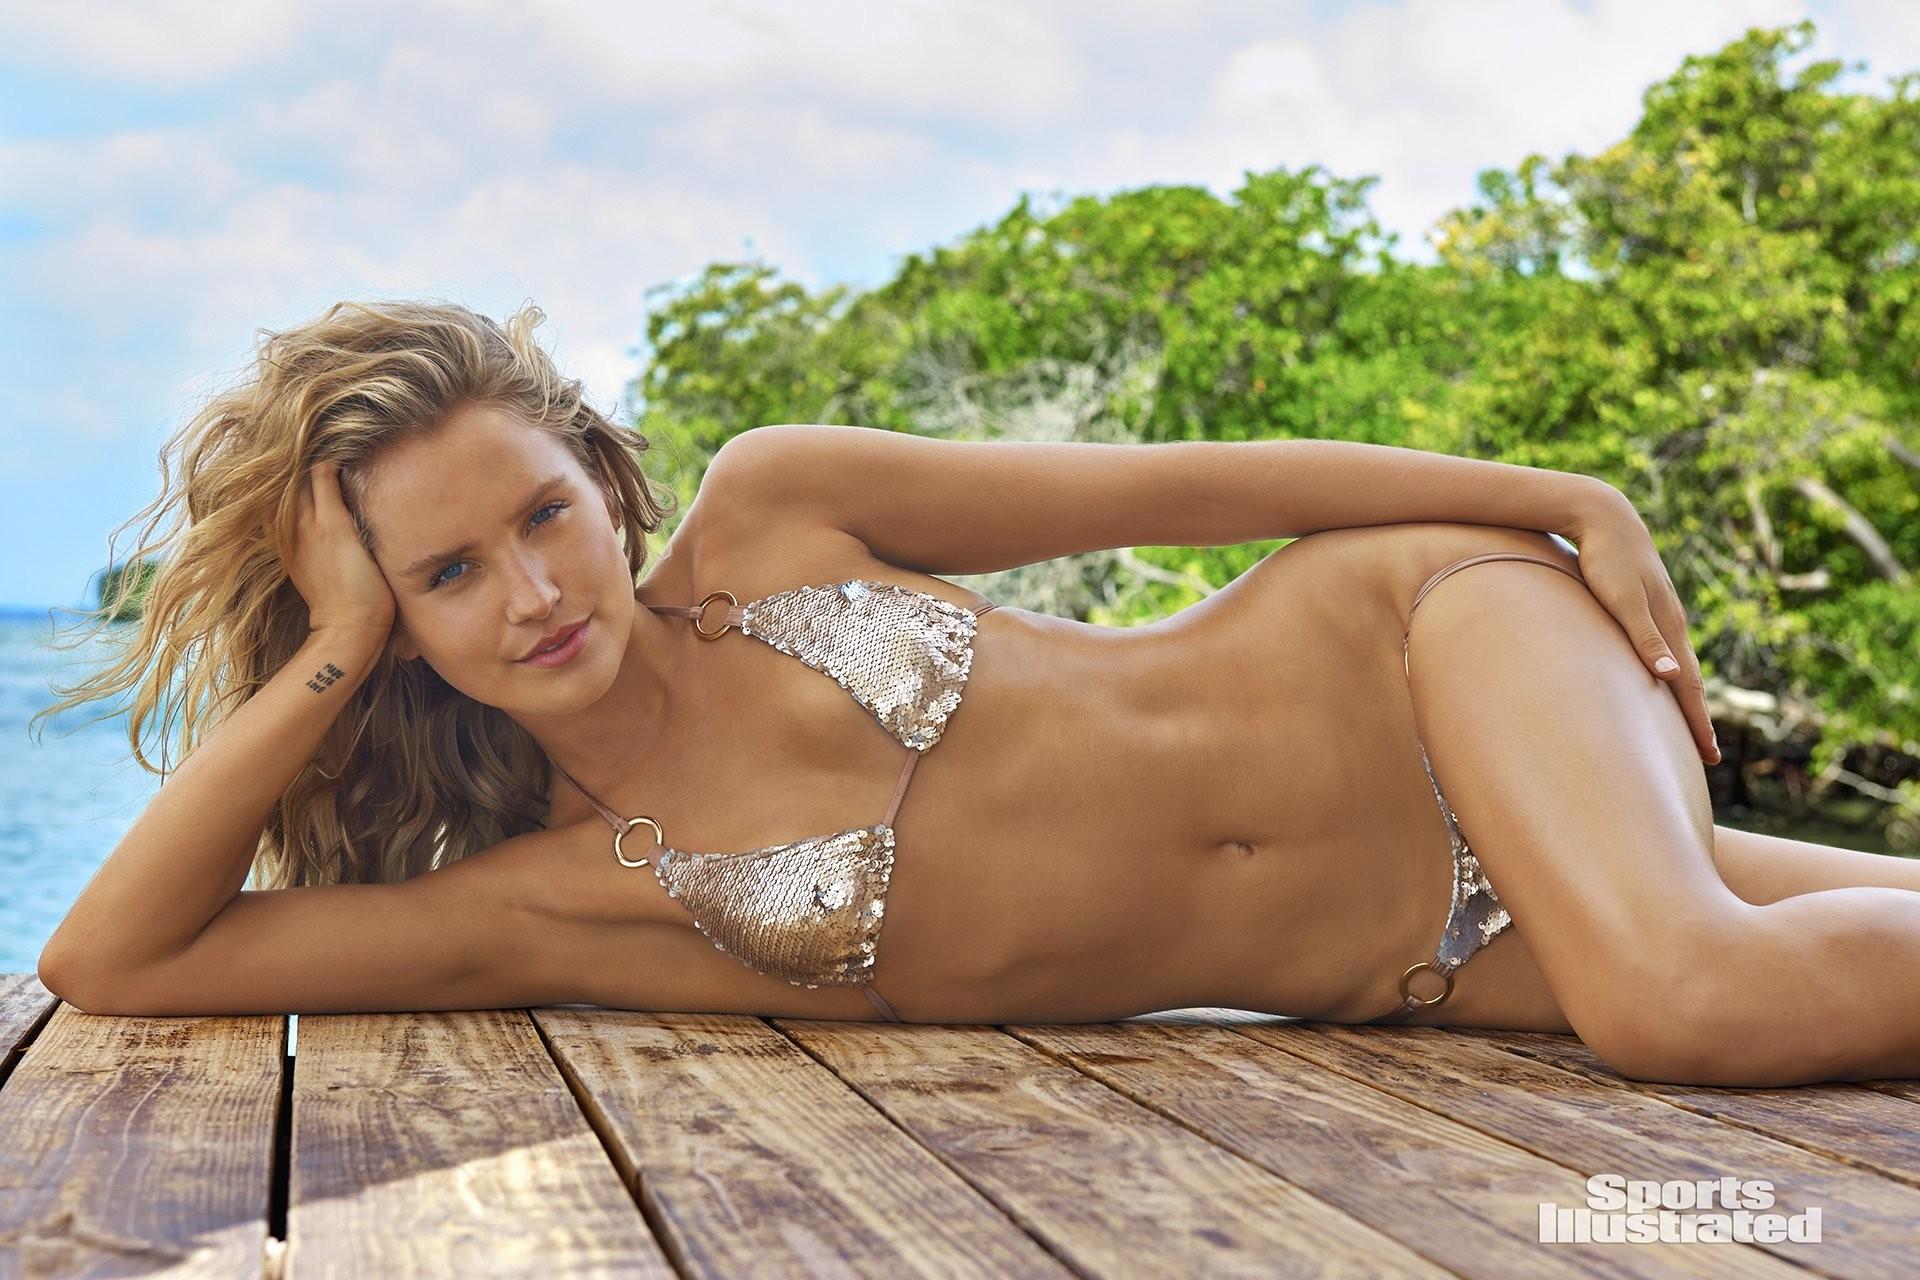 nudes (26 photo), Sexy Celebrity pics